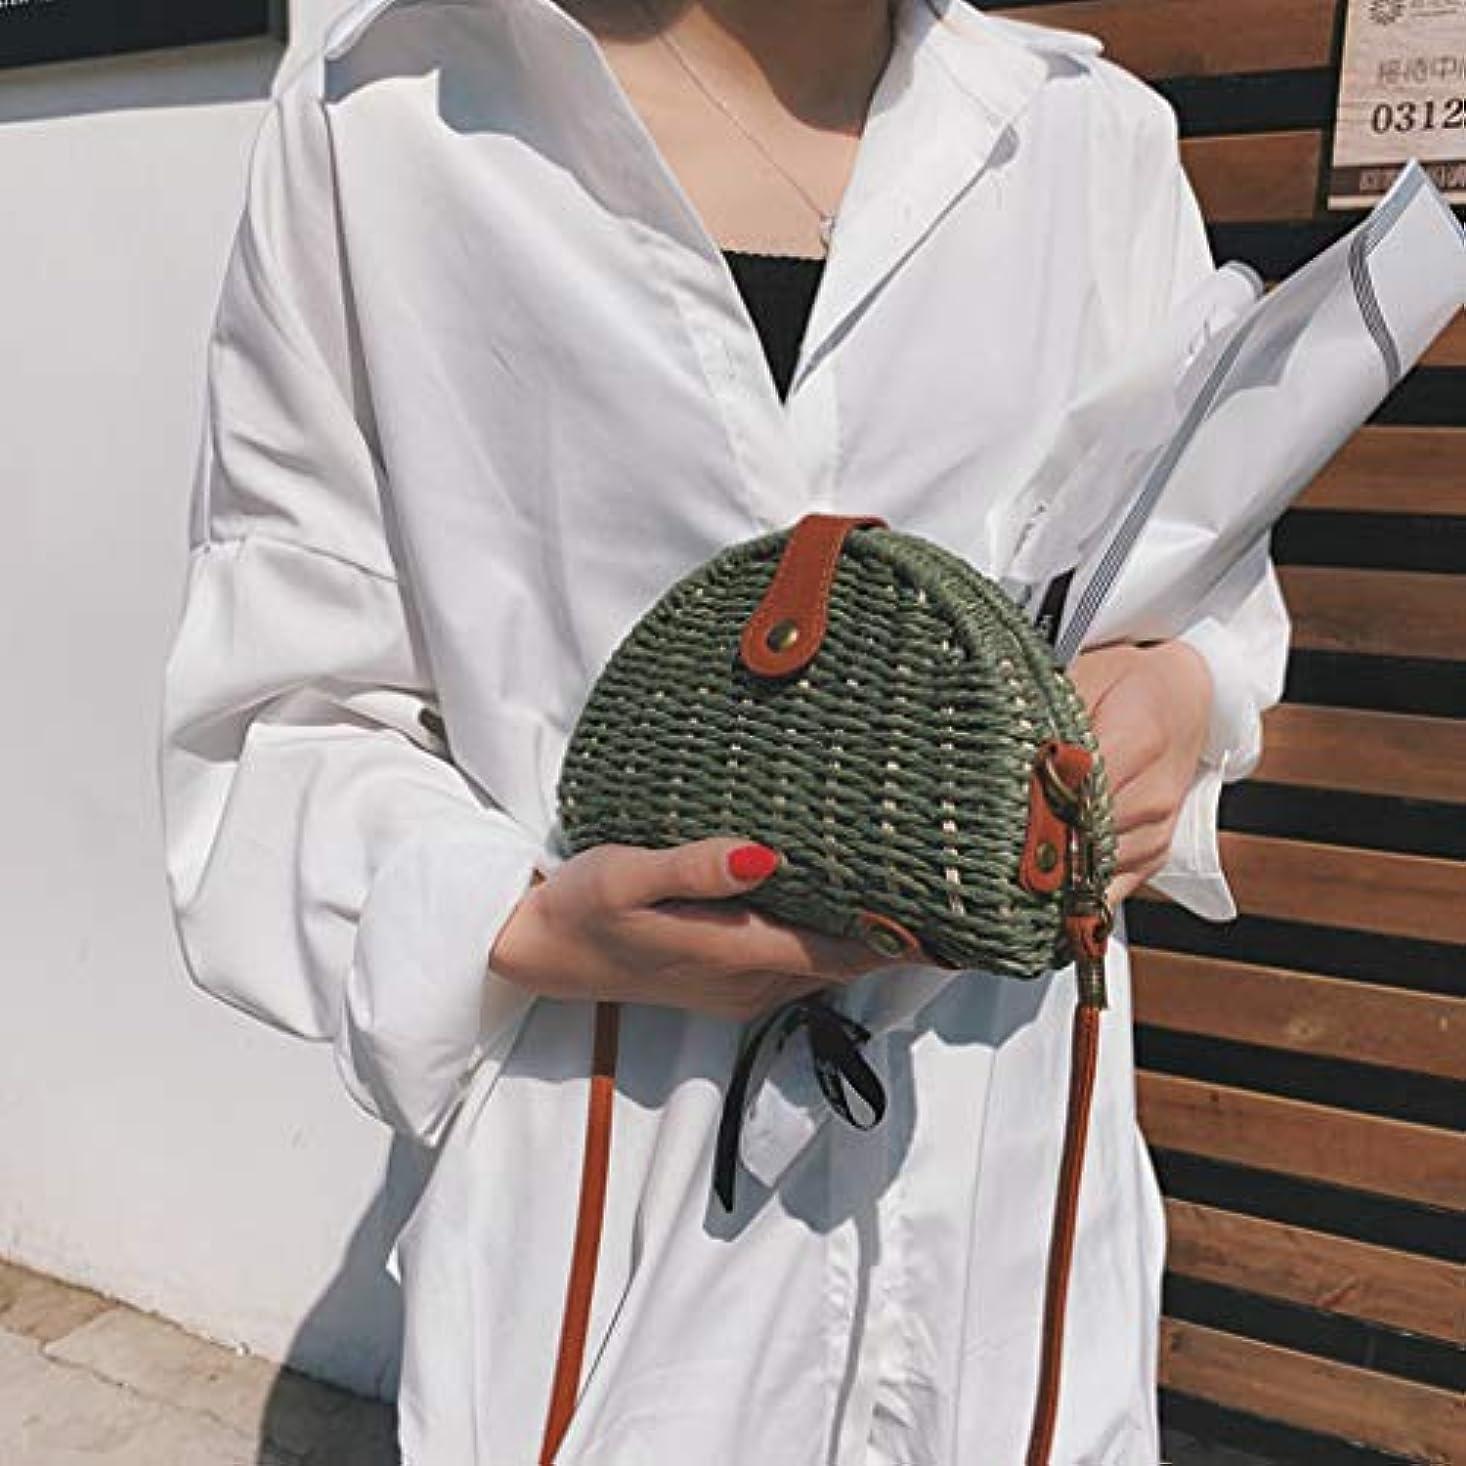 精巧なバンジージャンプシソーラス女性ミニ織りビーチショルダーバッグレディースボヘミアンスタイルレジャーハンドバッグ、女性のミニ織クロスボディバッグ、レディースミニファッションビーチスタイルクロスボディバッグ (緑)